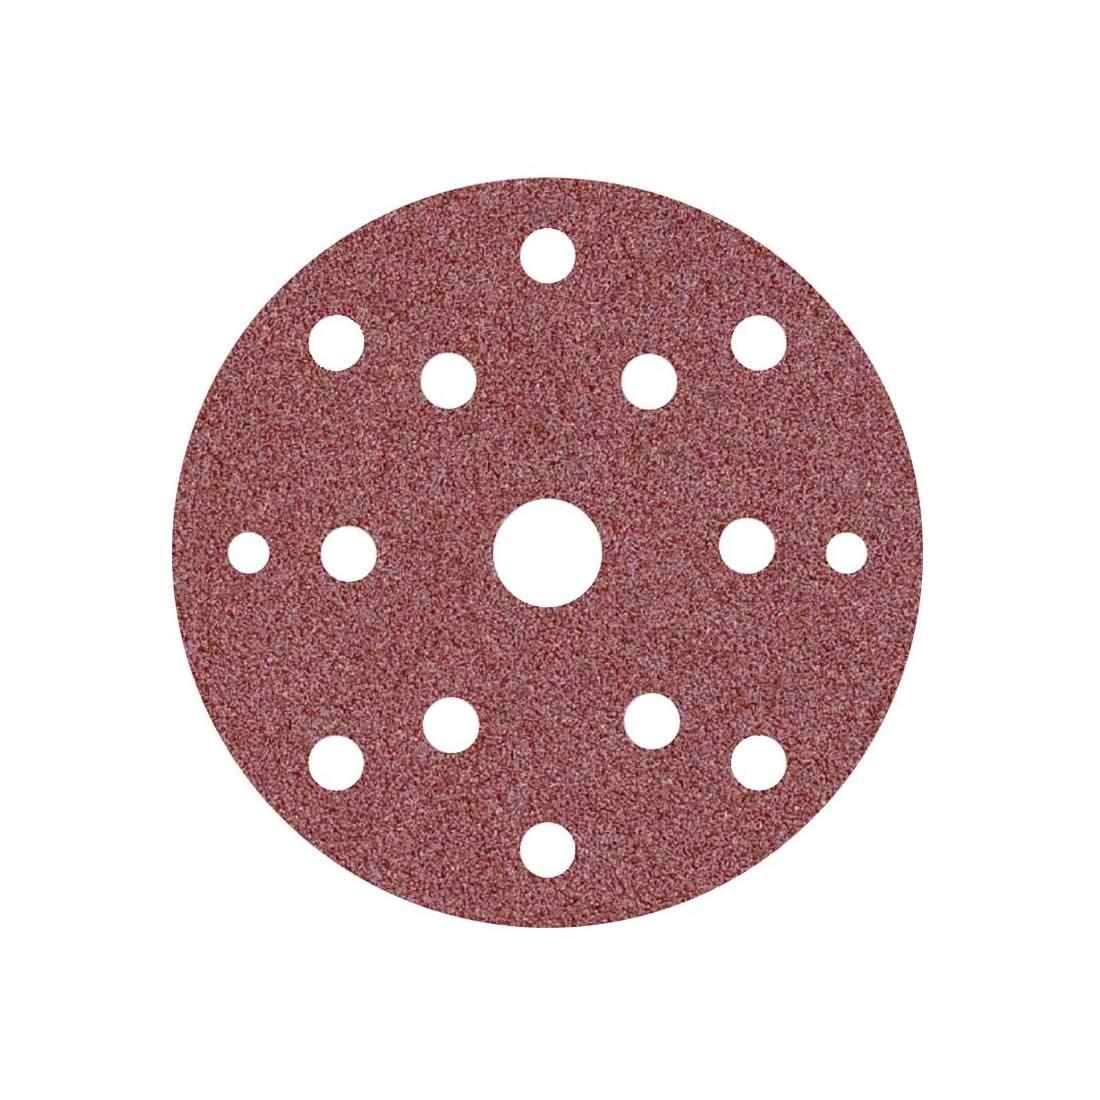 /Ø 150 mm grain 60-15 trous 50 Disques abrasifs auto-agrippants MioTools pour ponceuse excentrique